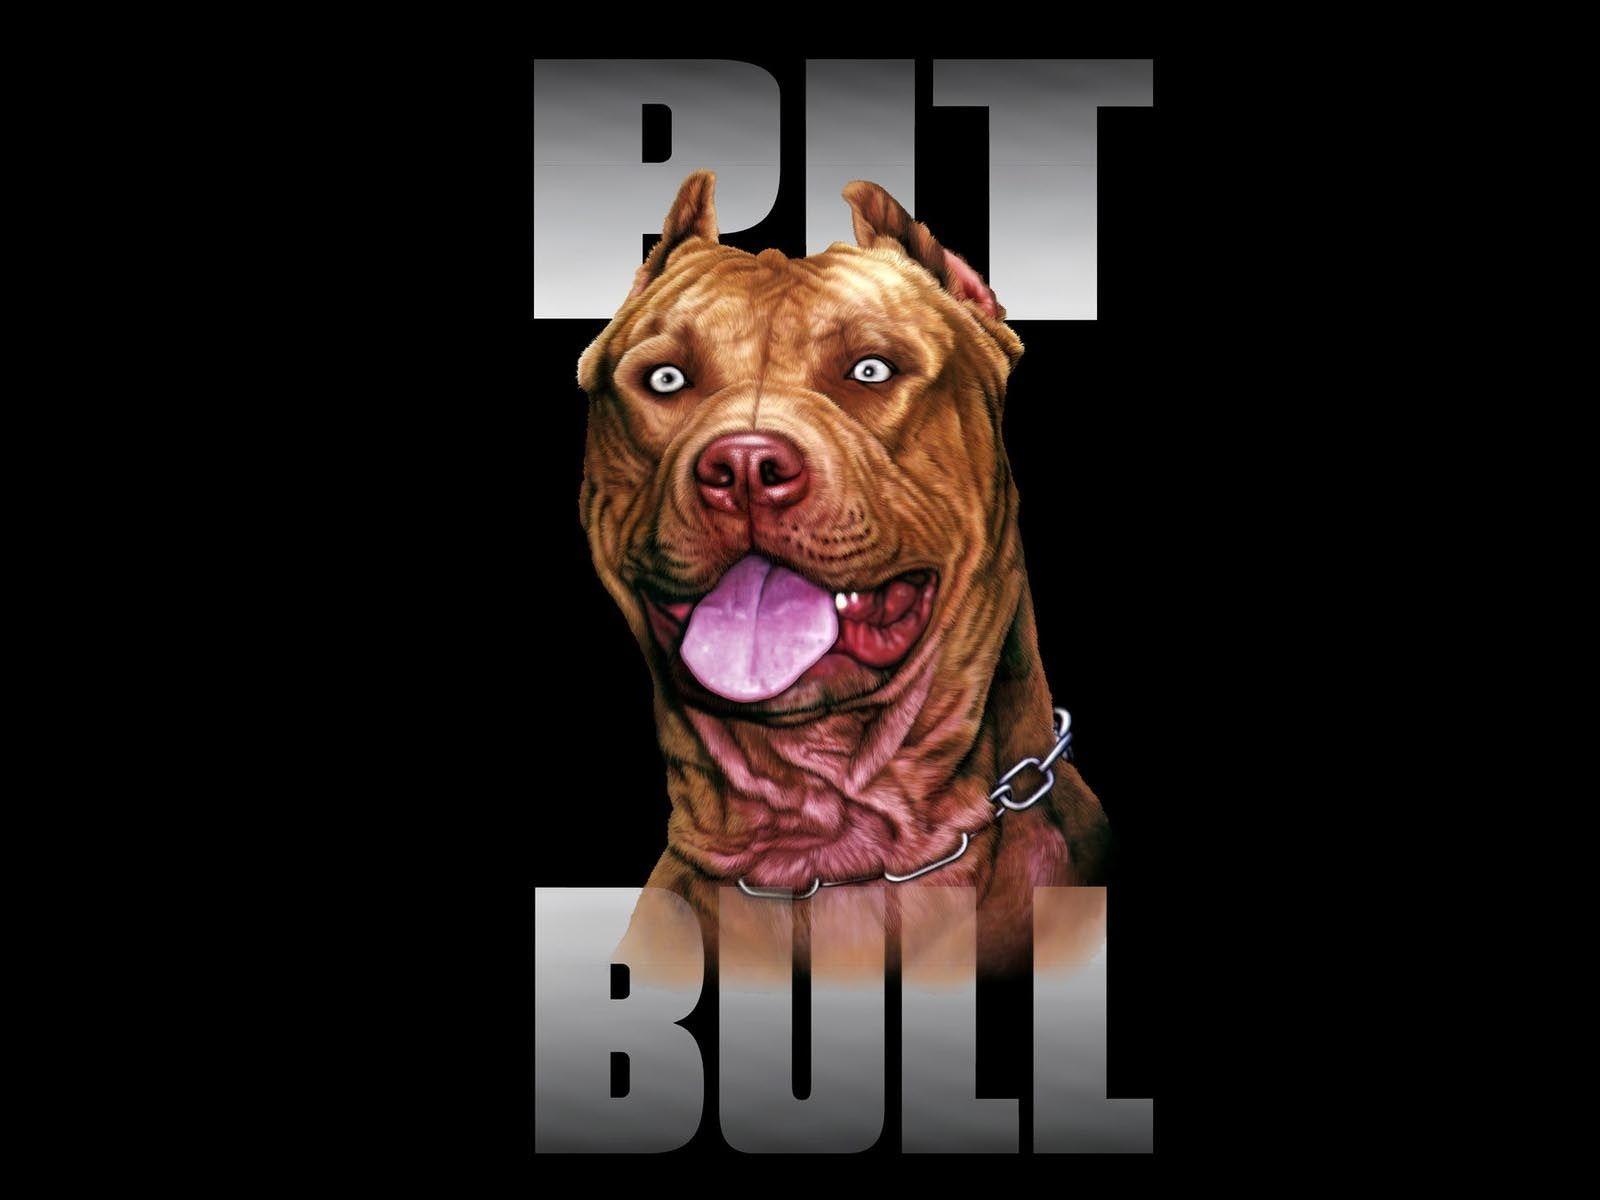 Pitbull Dog Quotes Pit Bull Dog Breed Wallpaper Wallpaper Pit Bu Wallpaperwallpaper